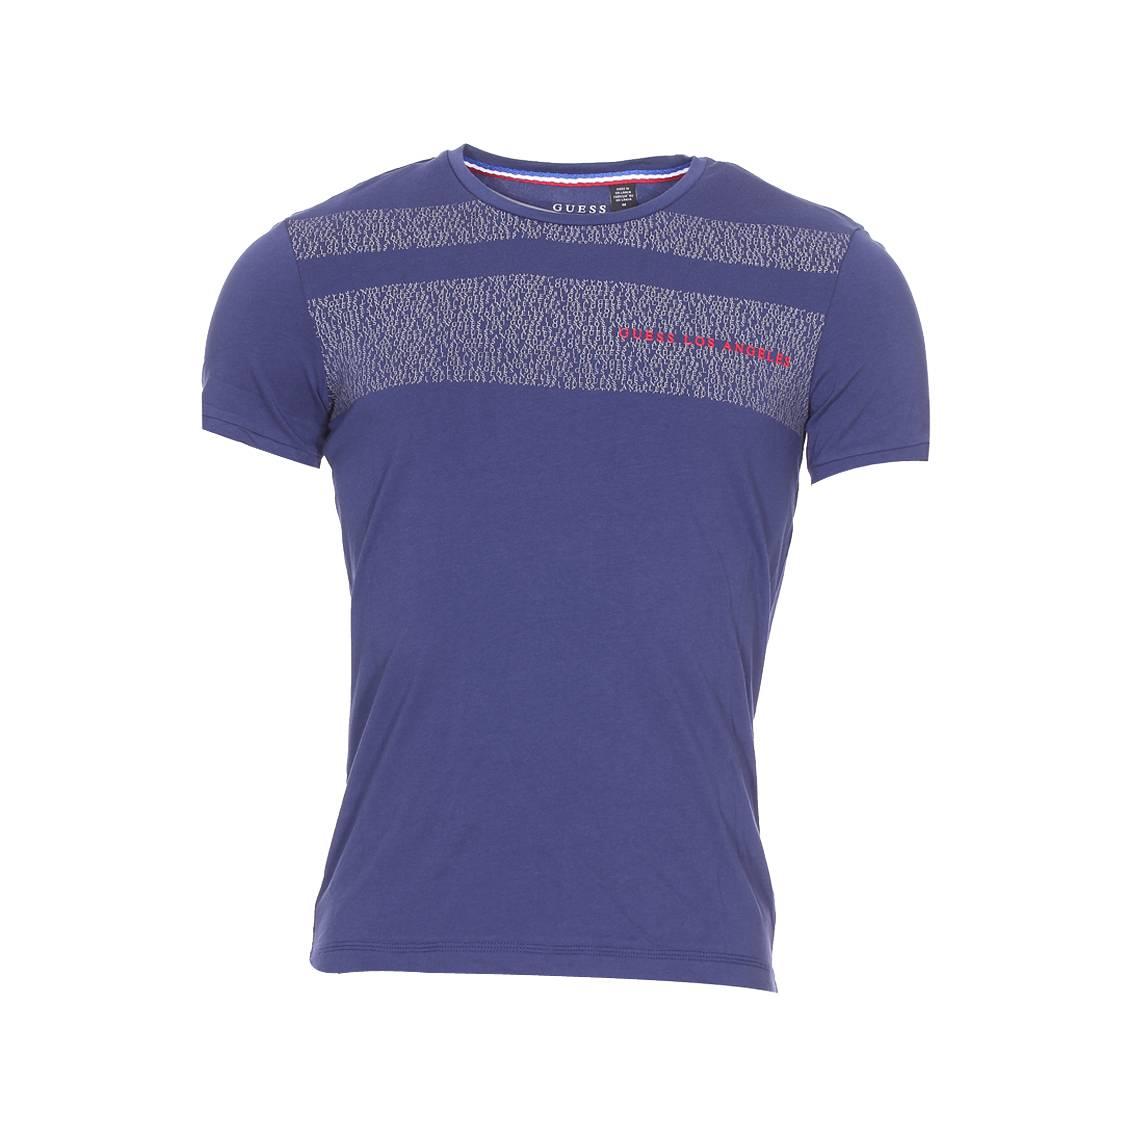 Tee-shirt col rond guess en coton stretch bleu indigo floqué